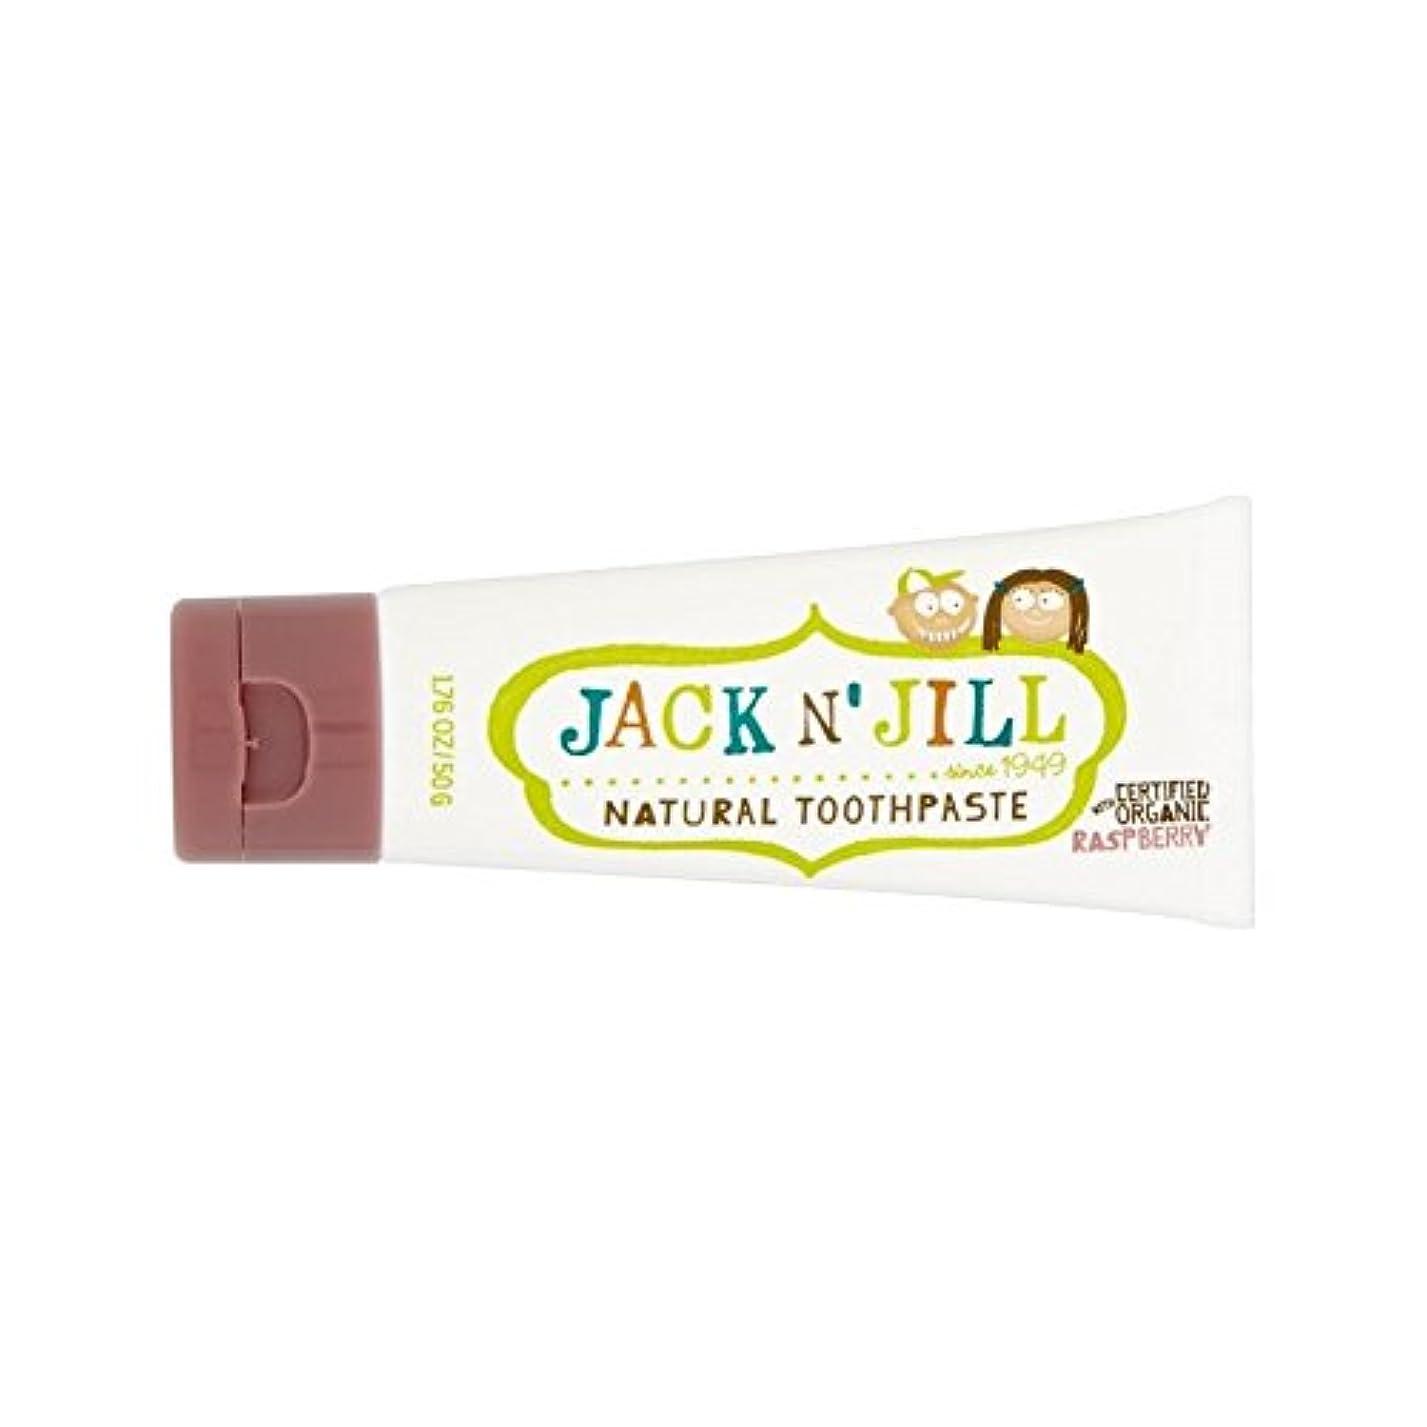 ウェイド大惨事教え有機香味50グラム天然ラズベリー歯磨き粉 (Jack N Jill) (x 4) - Jack N' Jill Raspberry Toothpaste Natural with Organic Flavouring 50g...